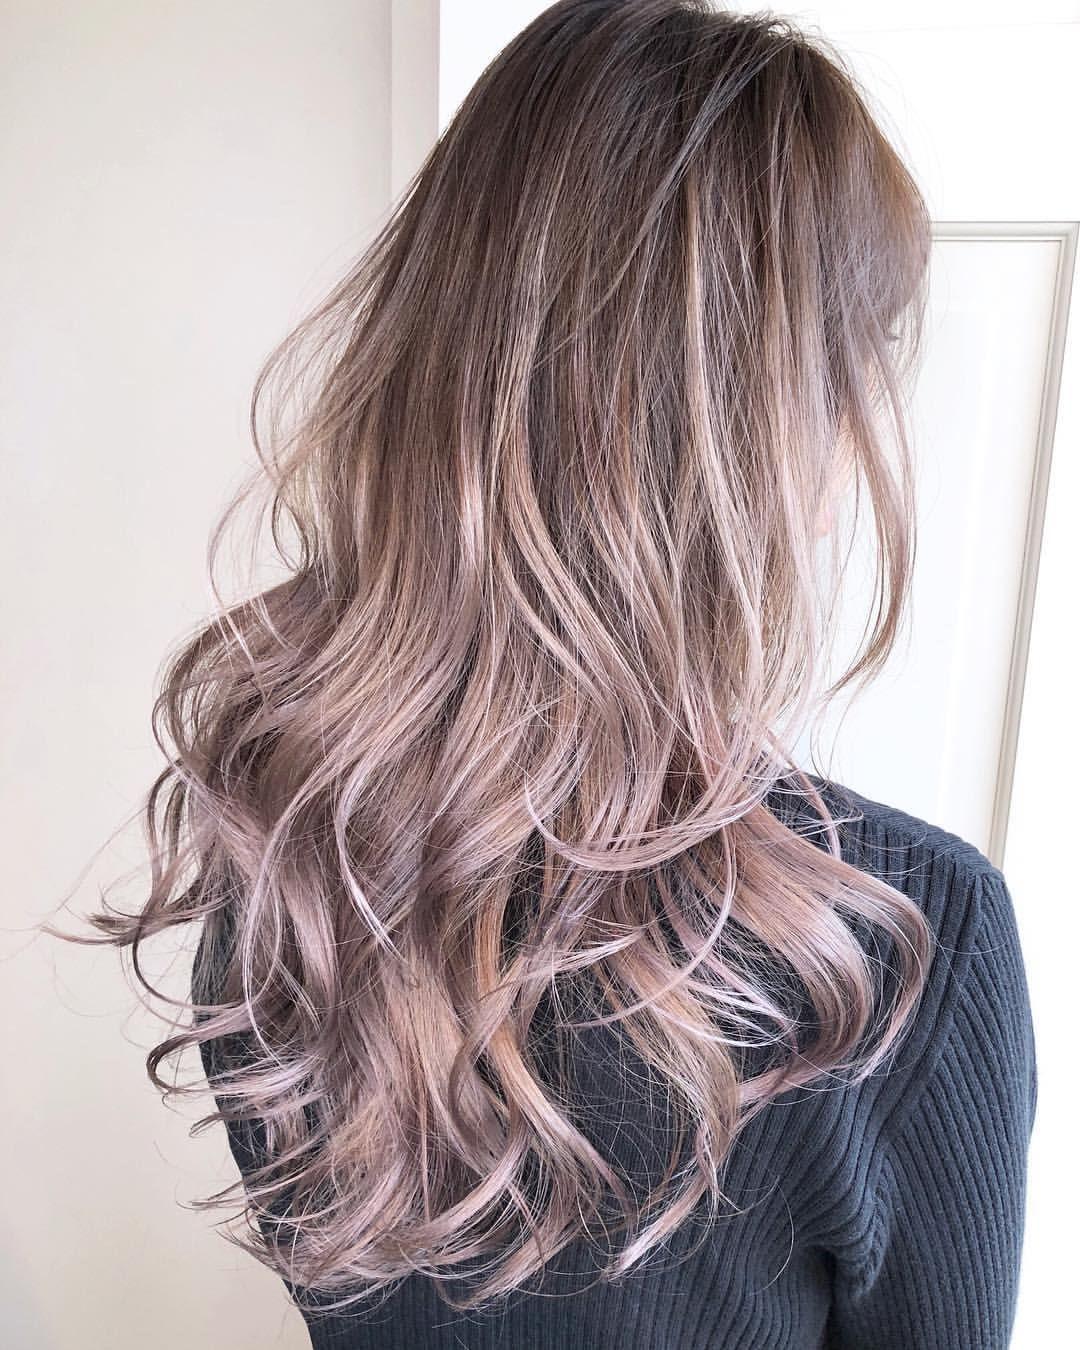 バレイヤージュ おしゃれまとめの人気アイデア Pinterest Nao ヘア アイディア 美髪 グラデーション ヘアカラー